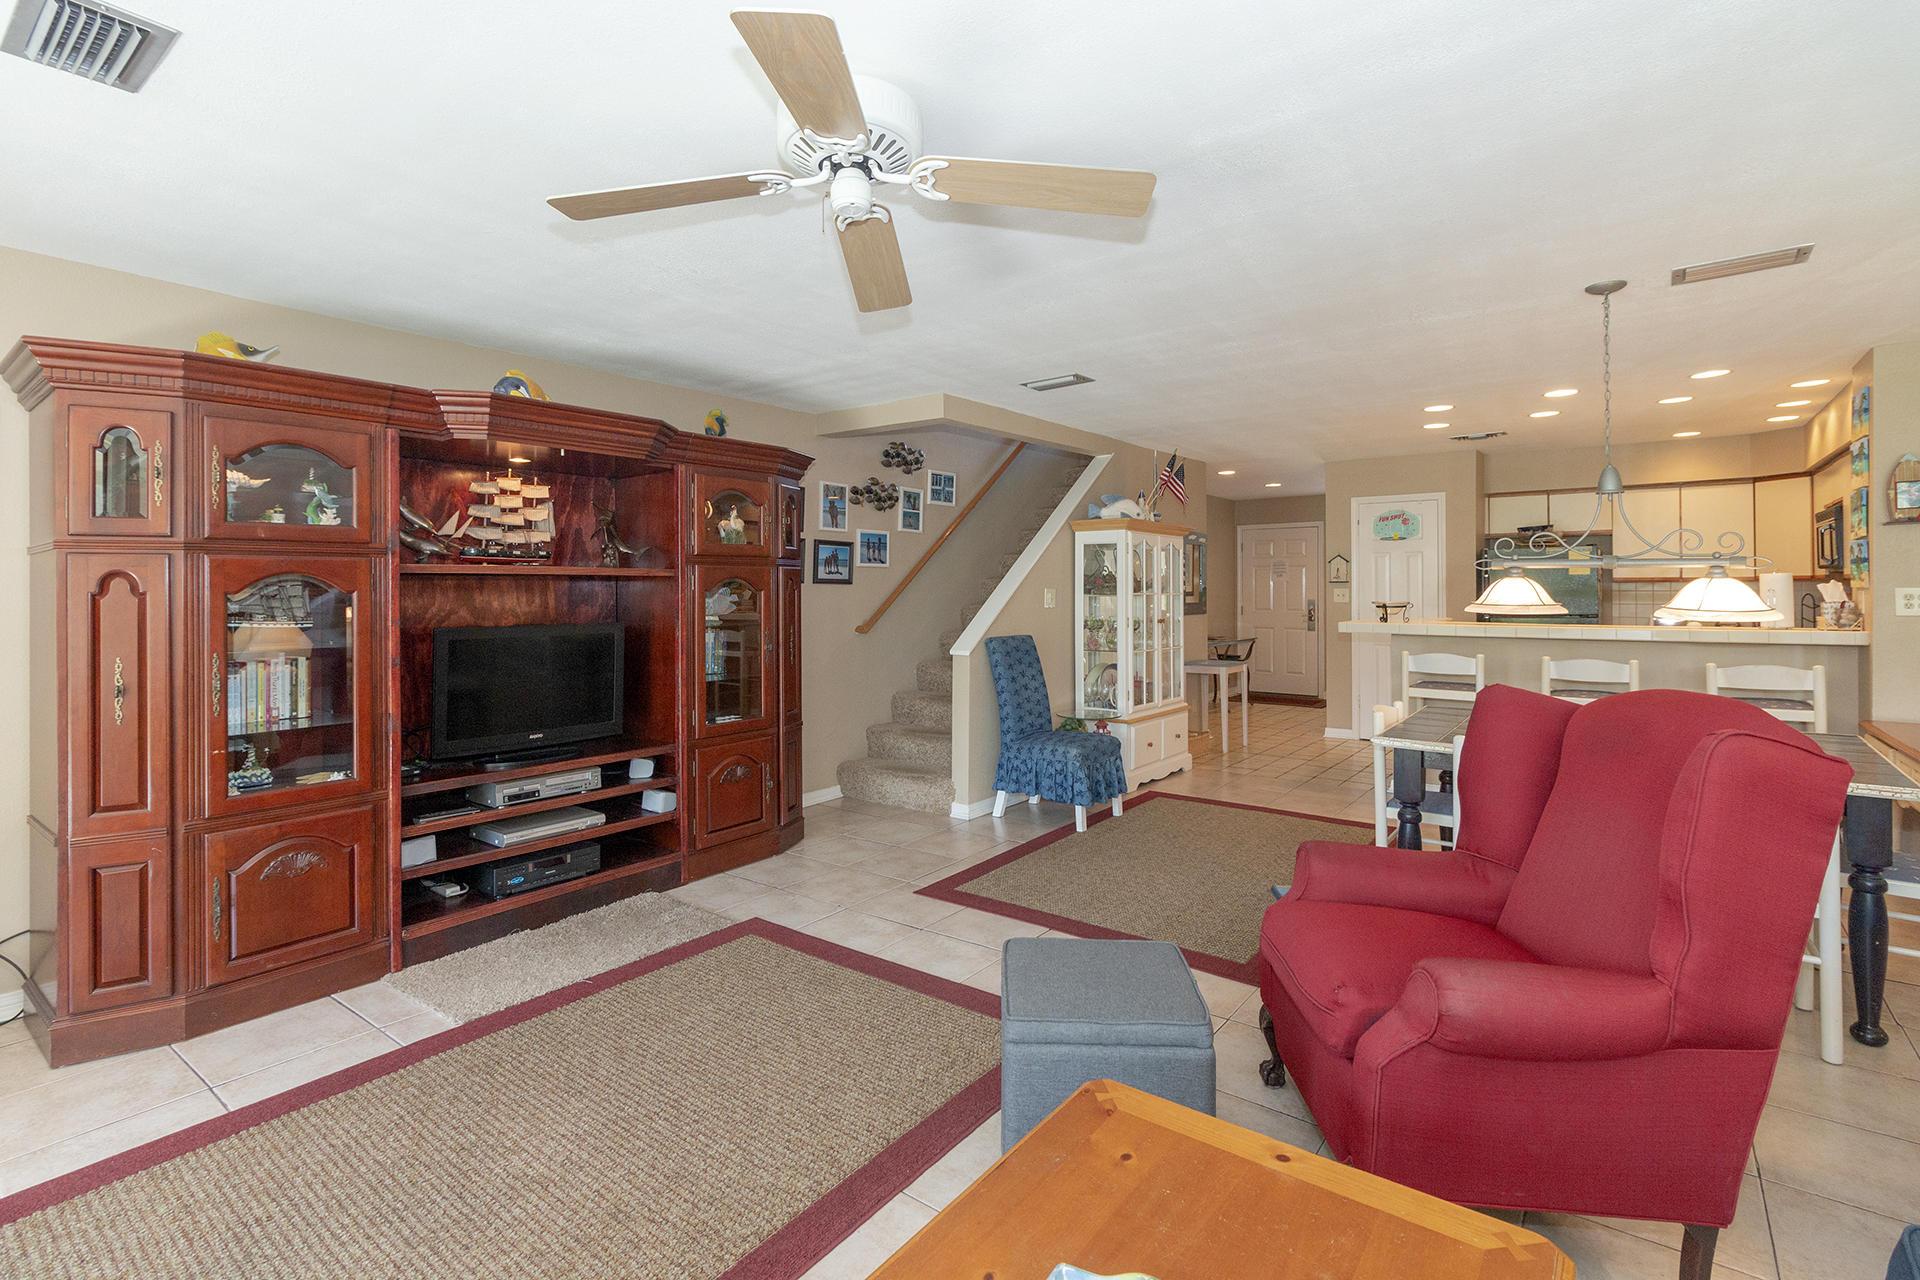 114 Mainsail Drive - $335000